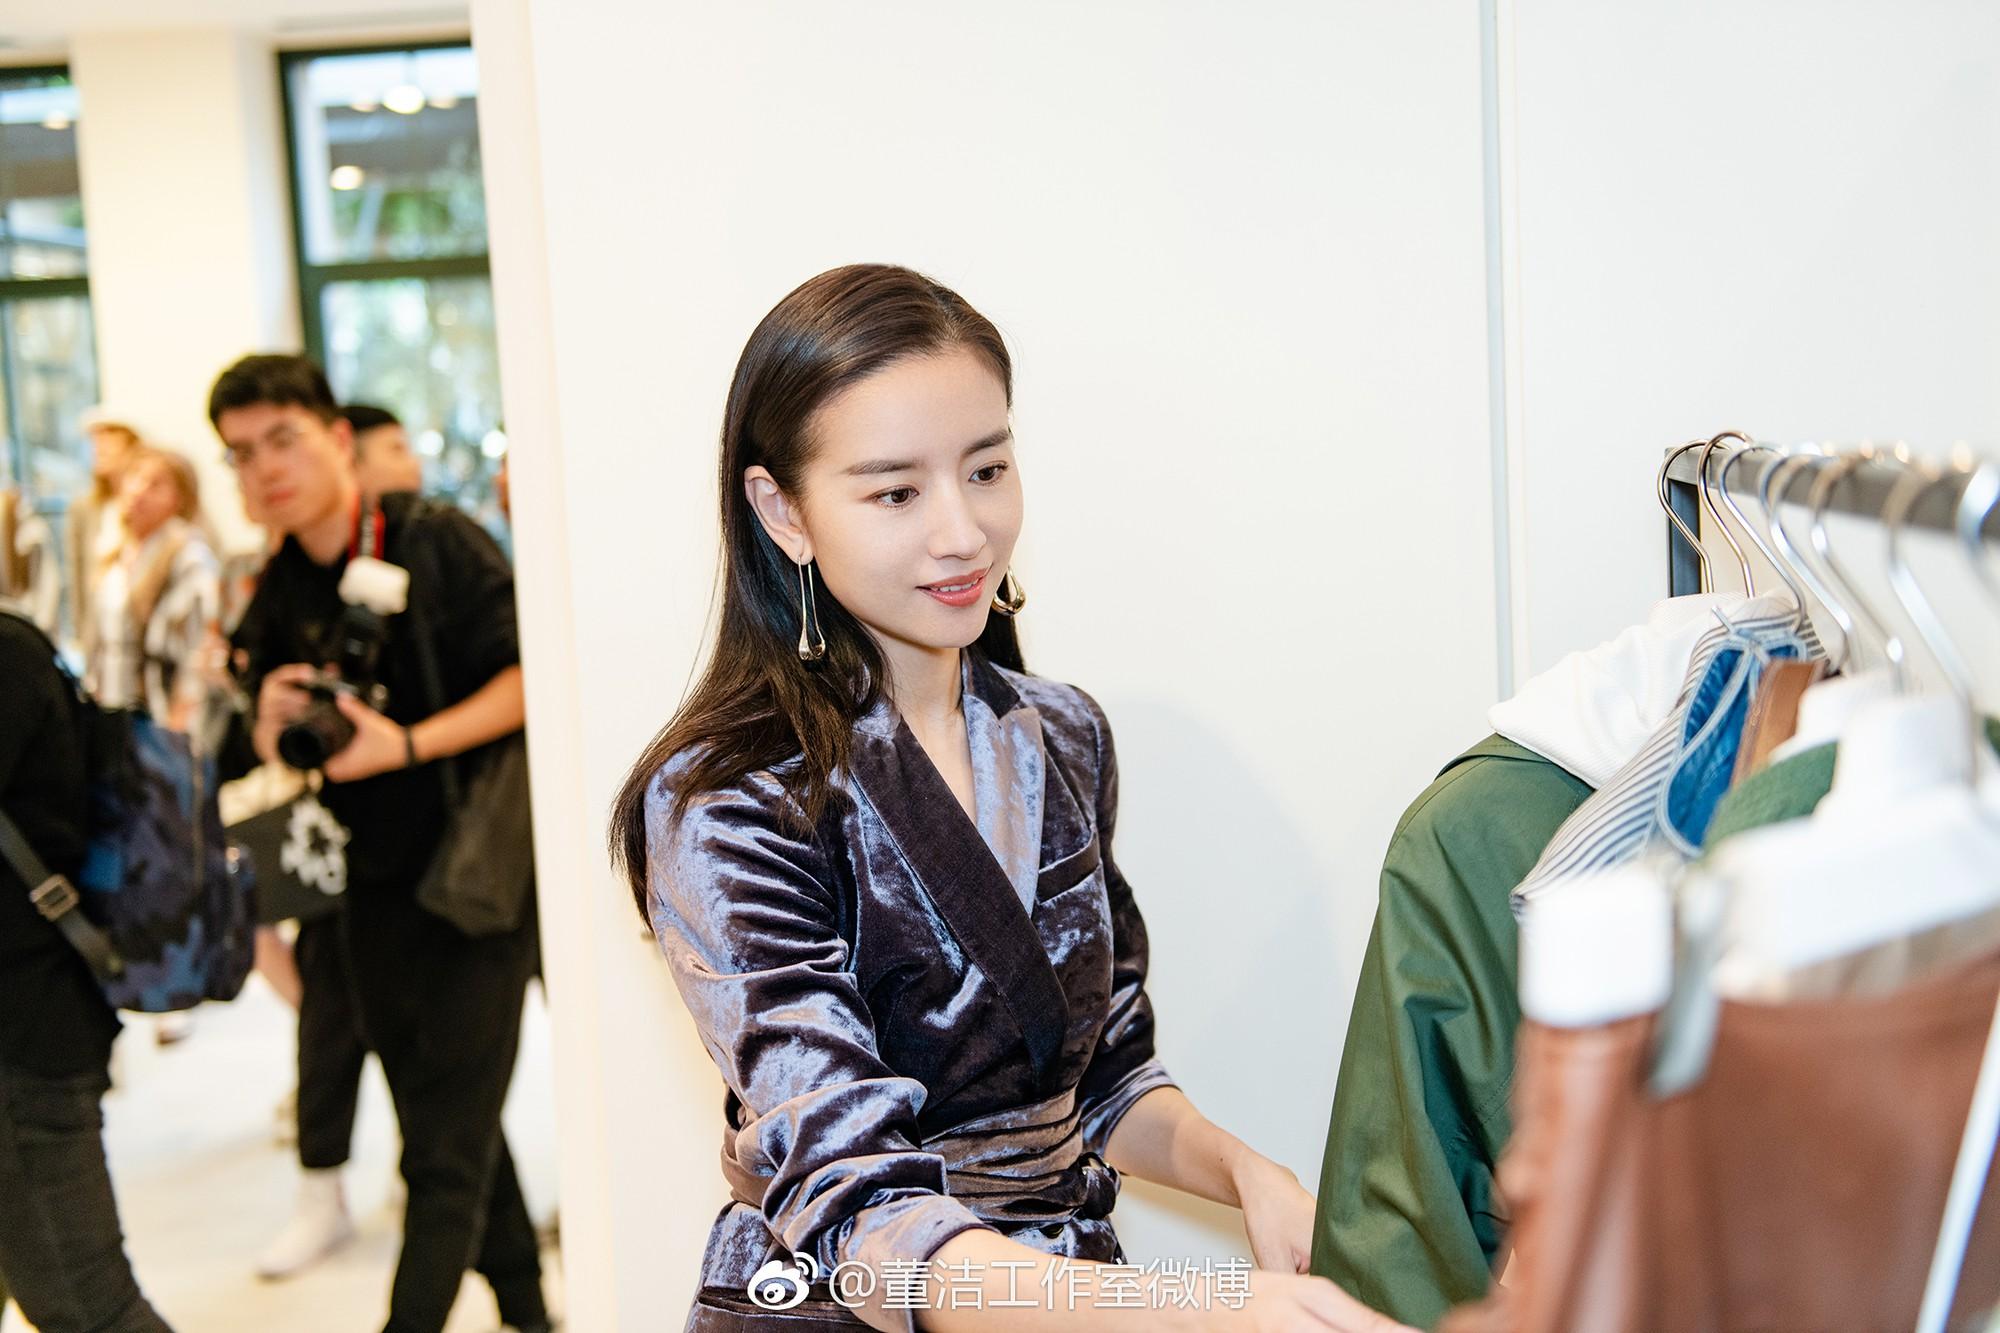 Hai Phú Sát Hoàng Hậu Tần Lam - Đổng Khiết đụng độ nhan sắc: Người như tiên nữ, kẻ lộ già nua - Ảnh 28.